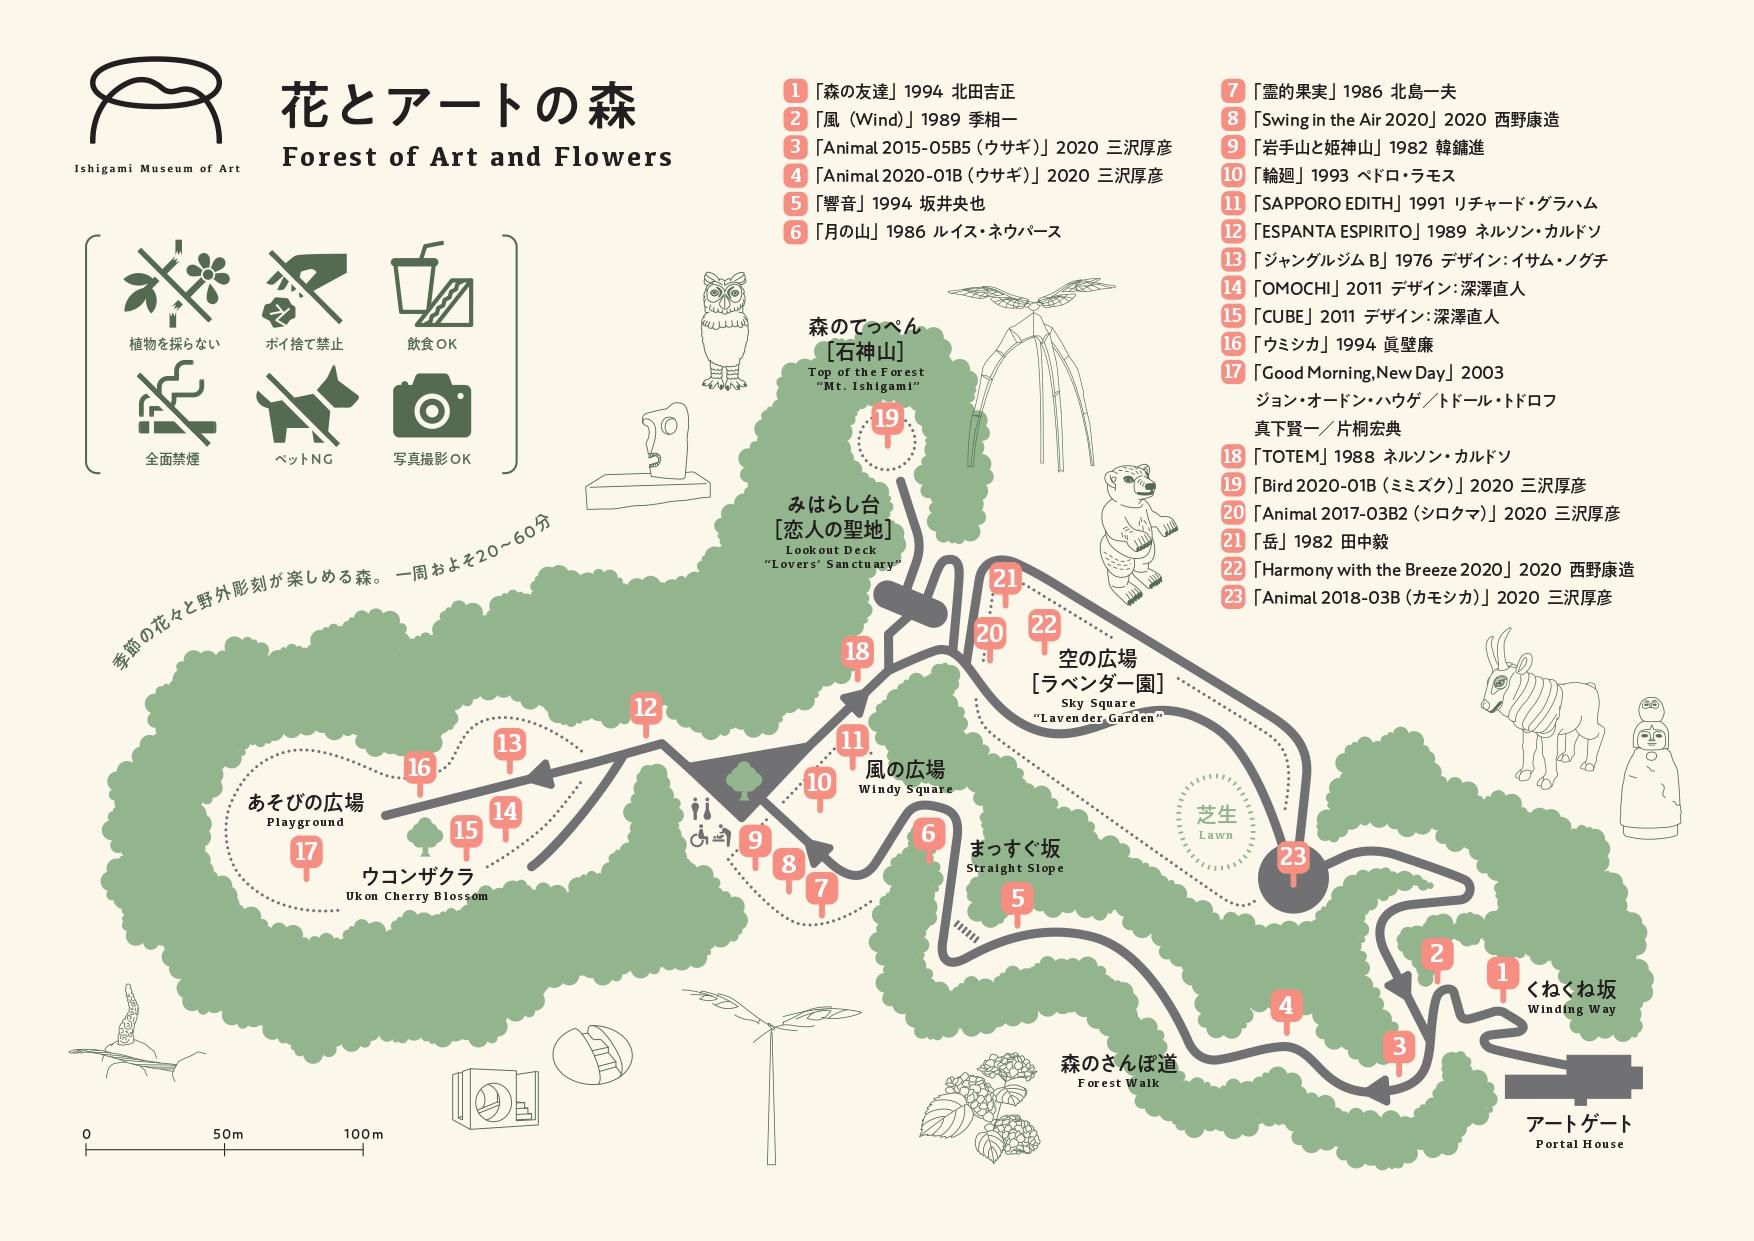 石神の丘美術館:花とアートの森 マップ